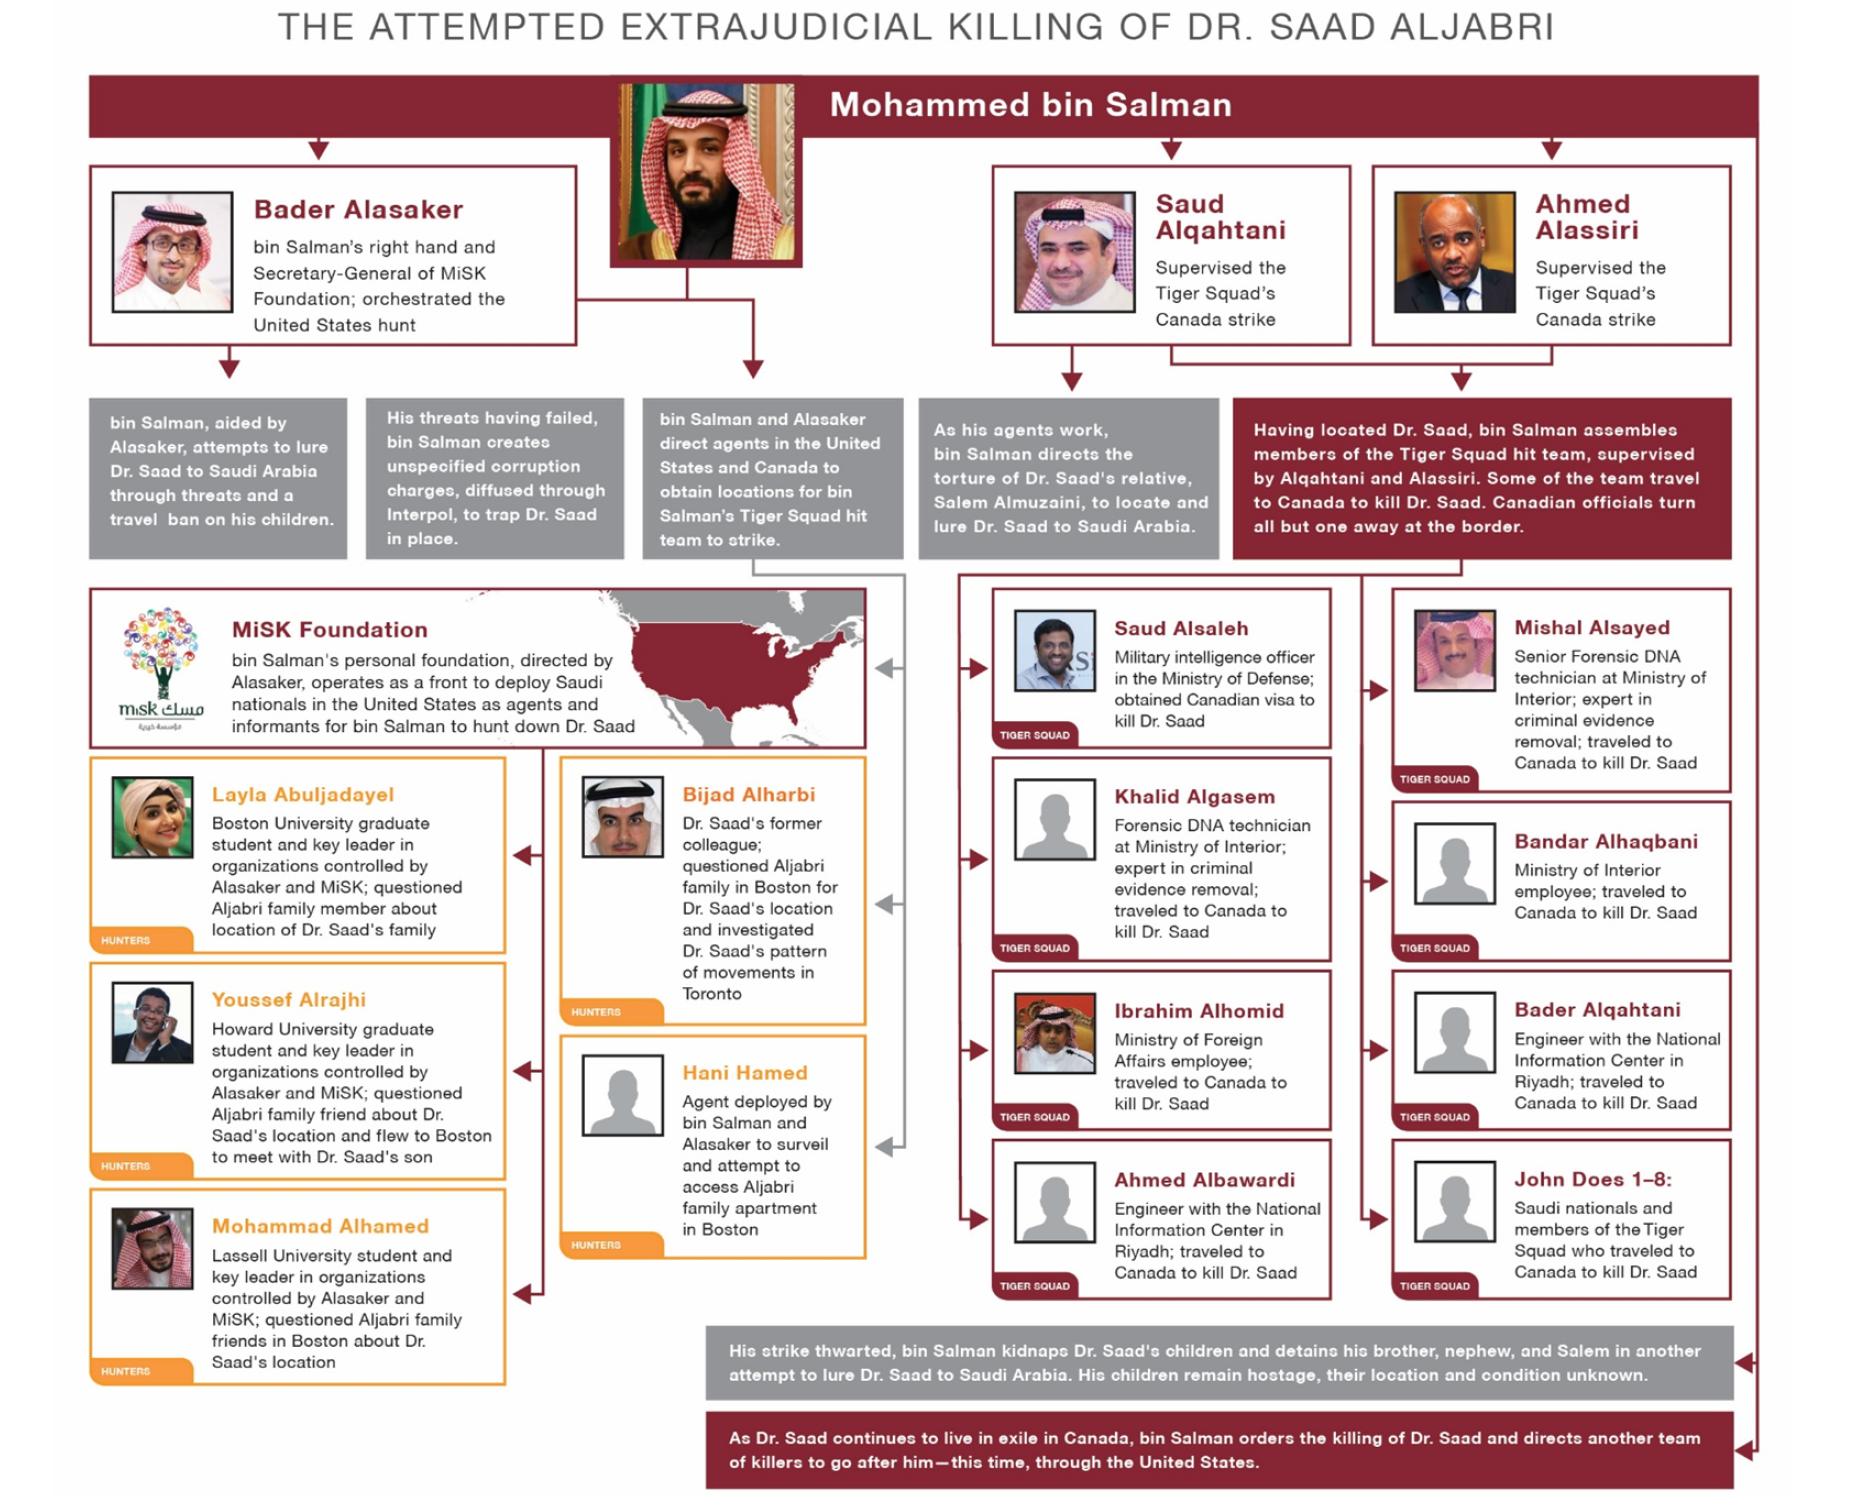 Graphique détaillant le réseau d'étudiants et d'agents chargés de localiser Saad Al-Jabri et d'envoyer l'escadron du Tigre pour l'assassiner.